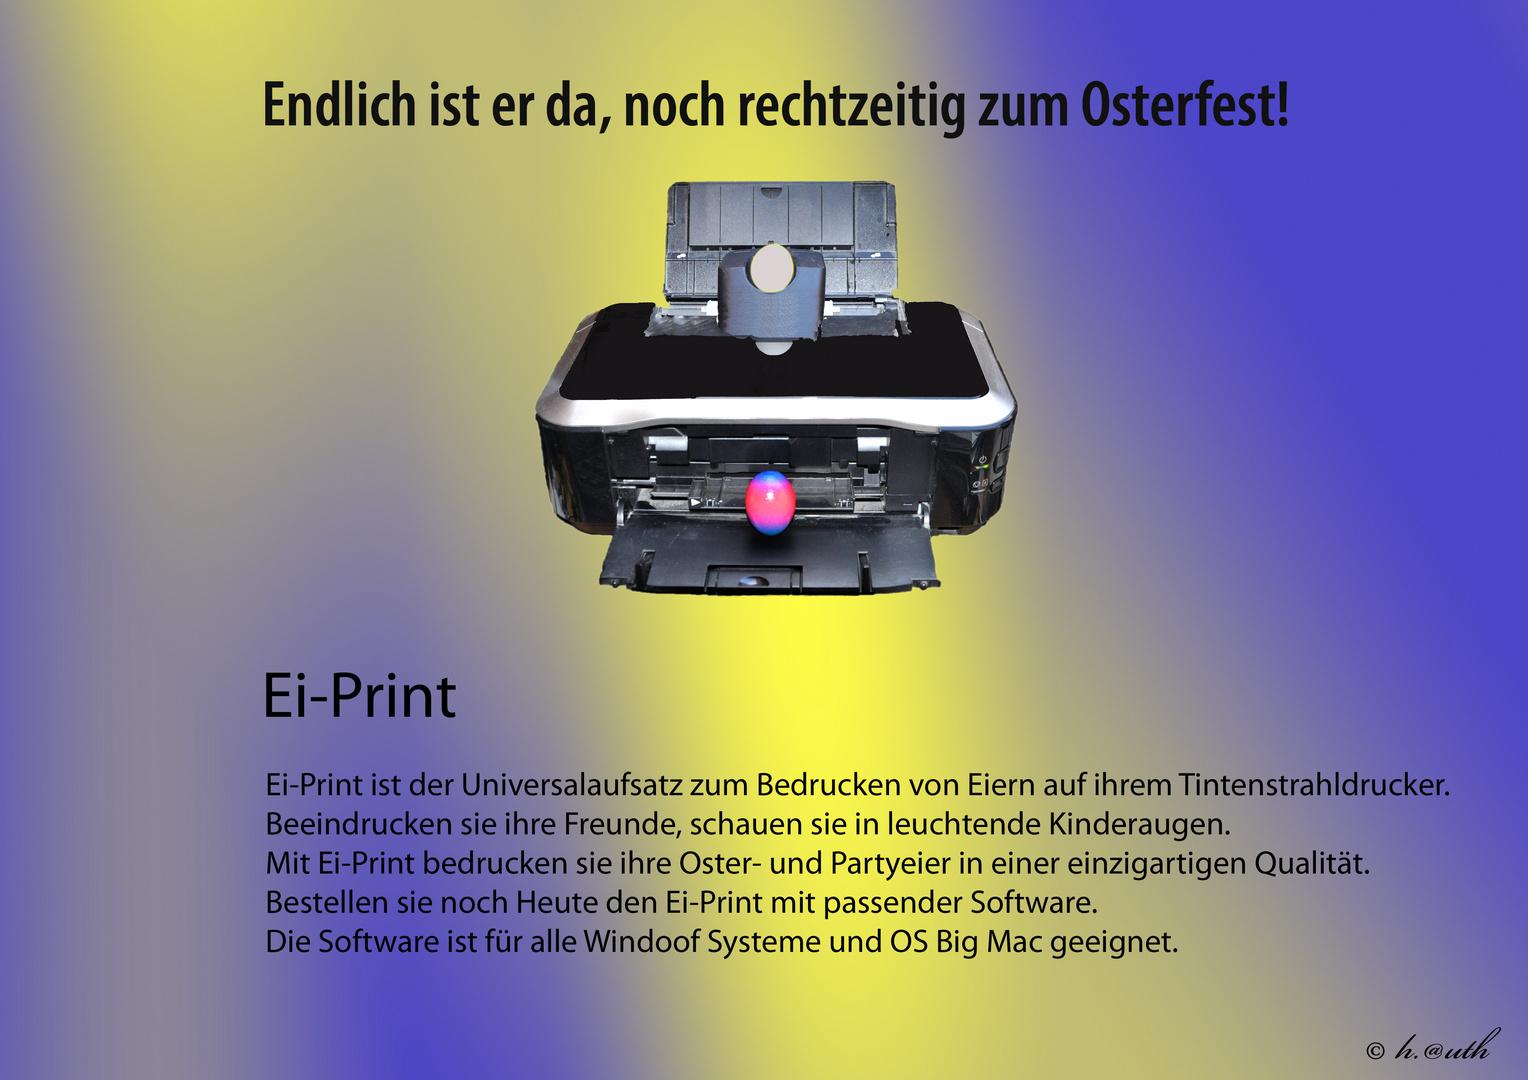 Ei-Print